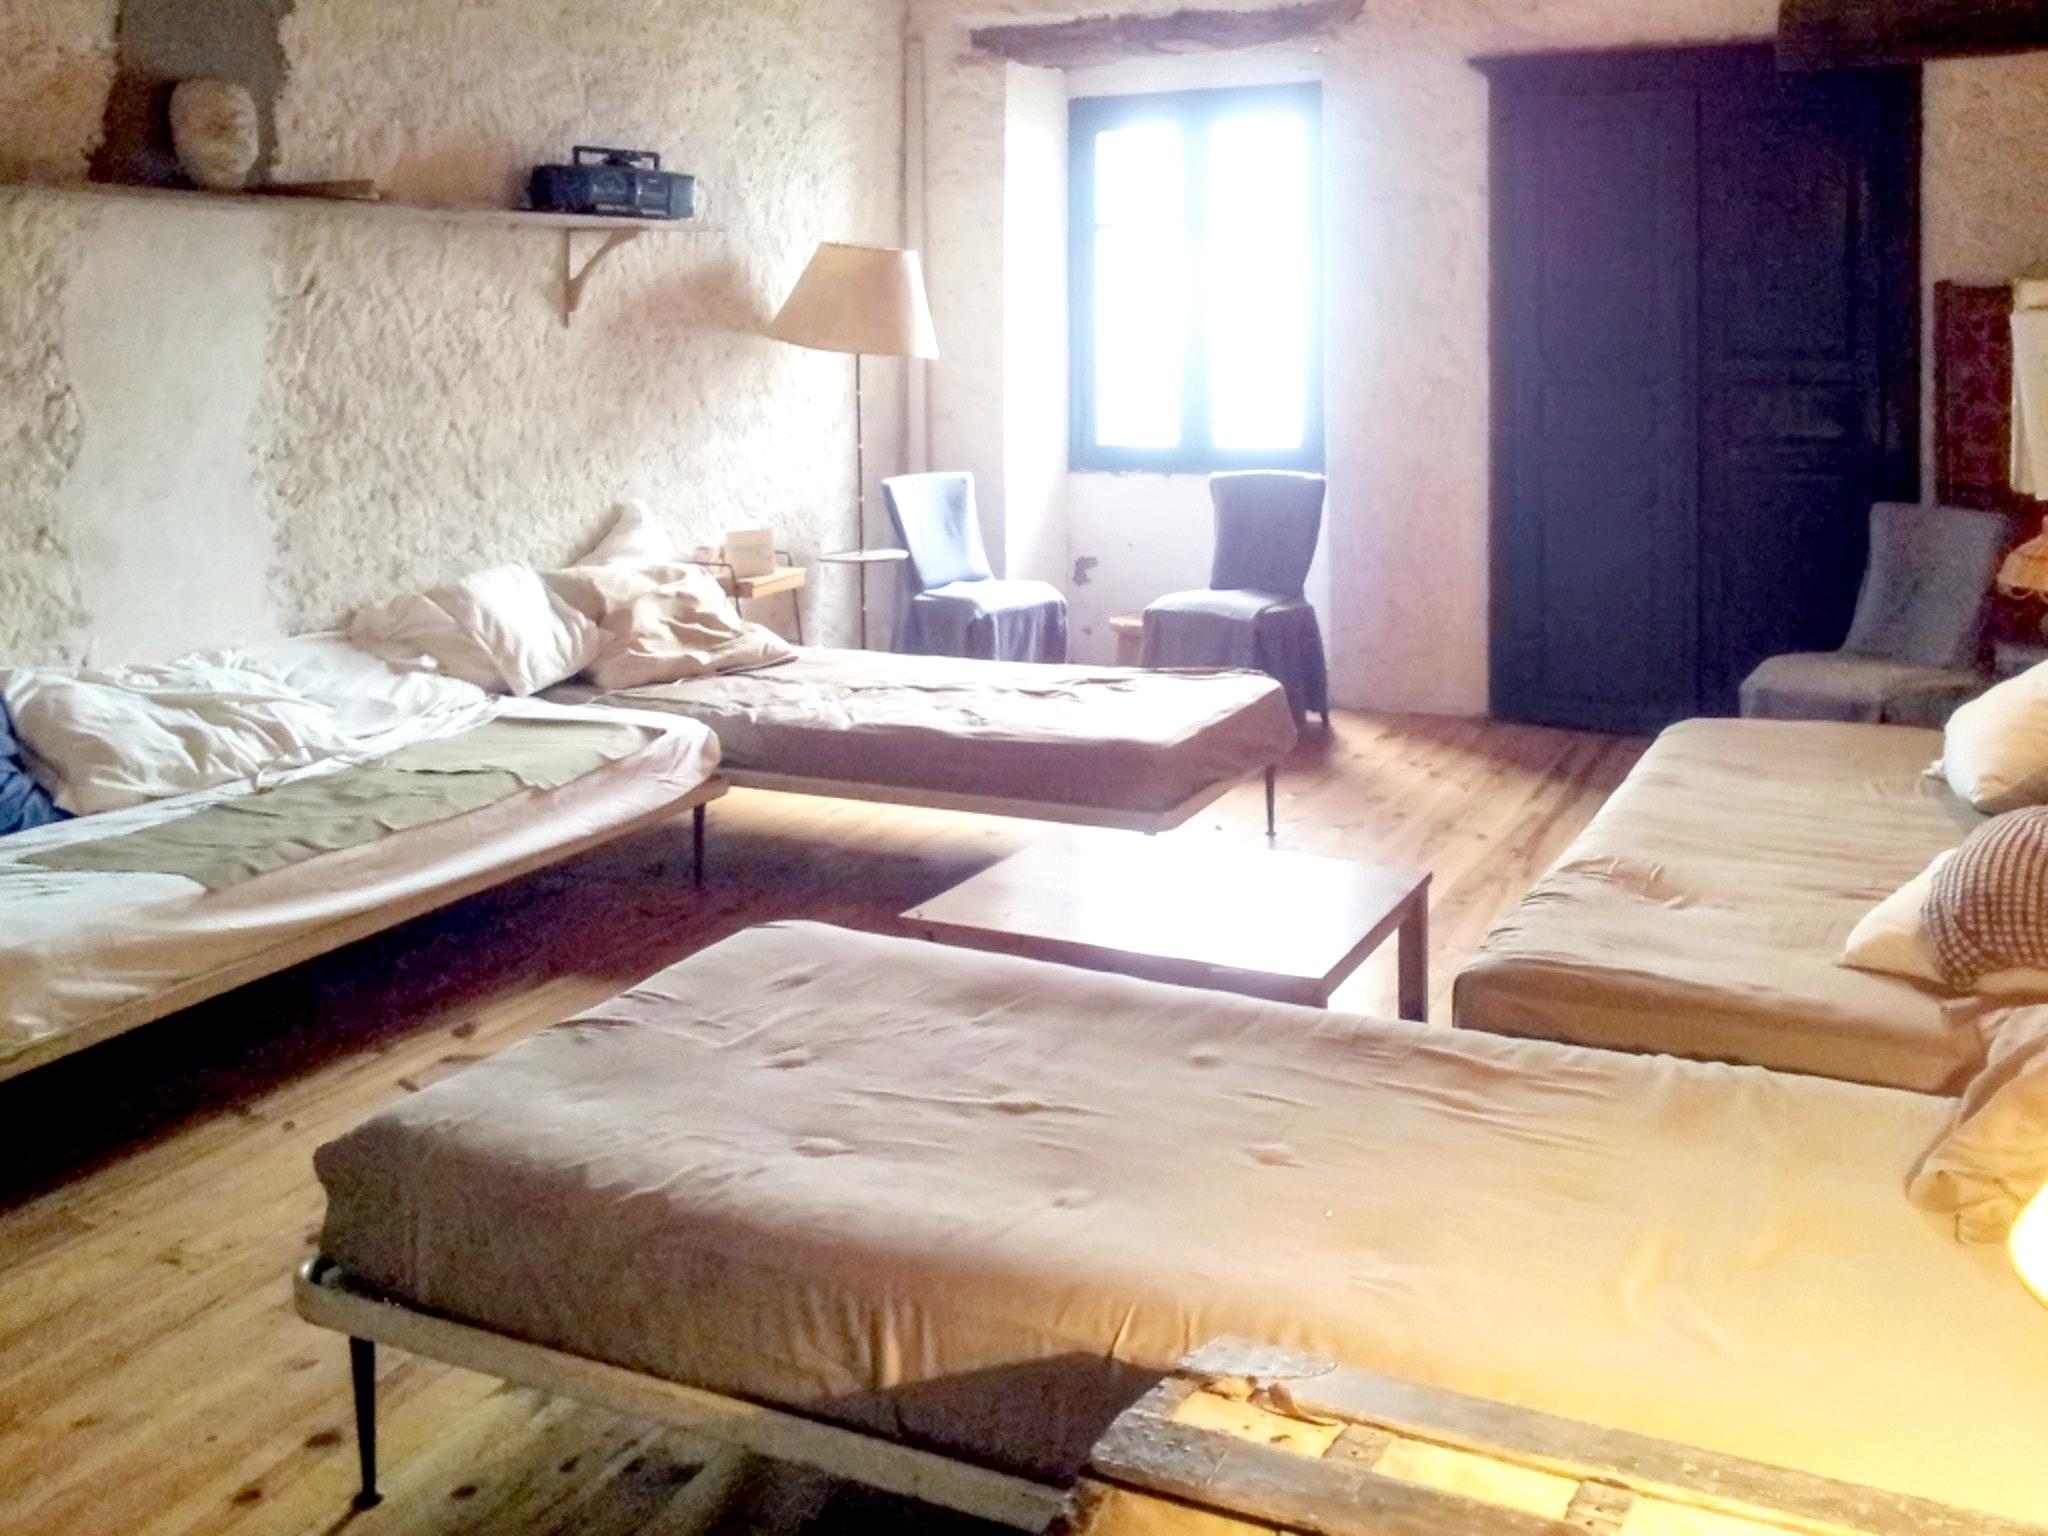 Maison de vacances Herrliches Haus mit neun Schlafzimmern und grandiosem Blick aufs Meer im hübschen Dörfchen (2202571), Centuri, Haute-Corse, Corse, France, image 14